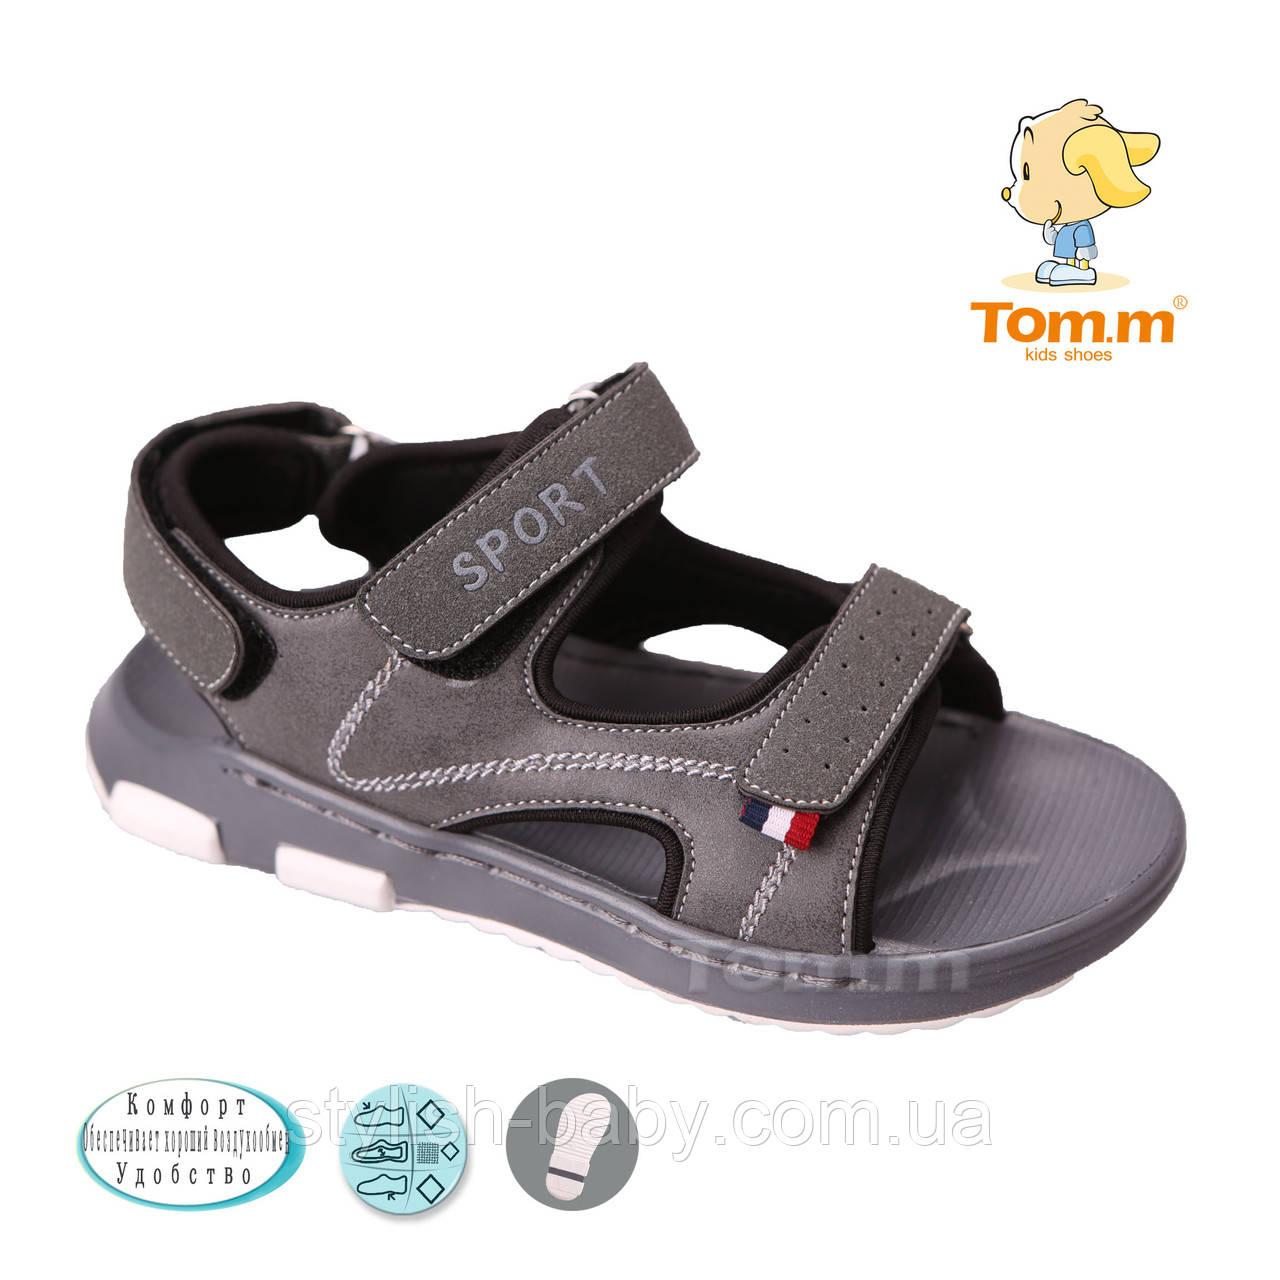 Детская коллекция летней обуви 2018. Детские босоножки бренда Tom.m для мальчиков (рр. с 26 по 31)